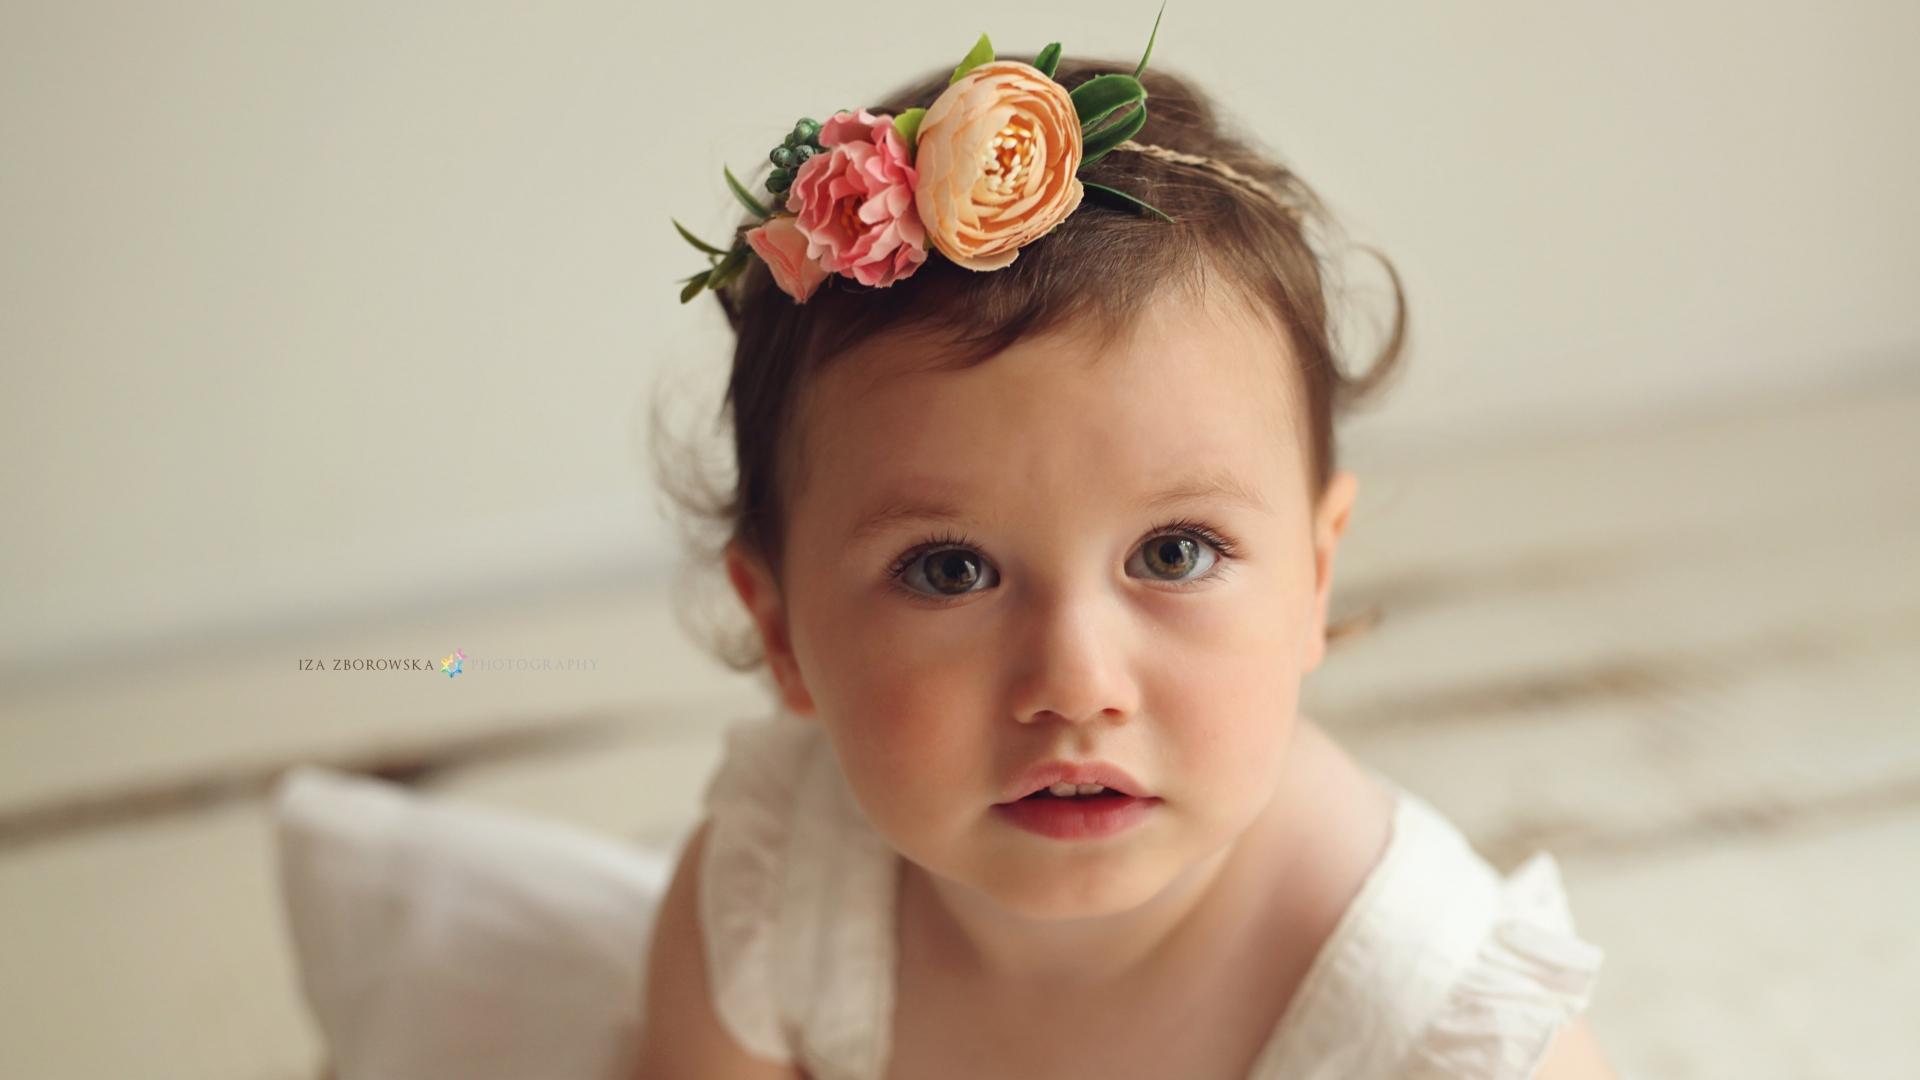 Sesja niemowlęca/dziecięca